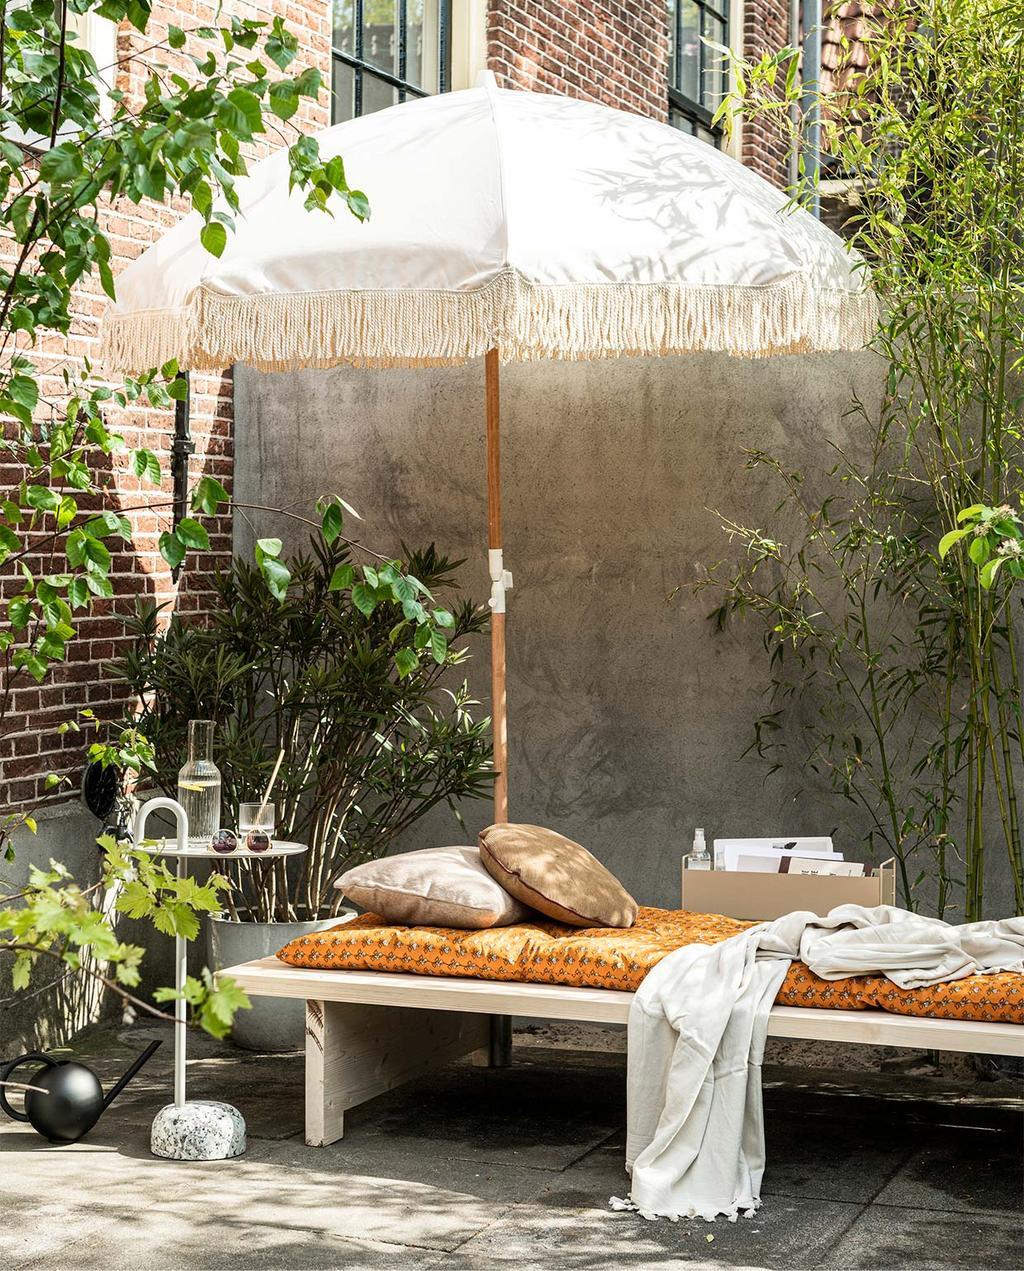 vtwonen 06-2020 | witte parasol en een loungebed met een oranje kussen